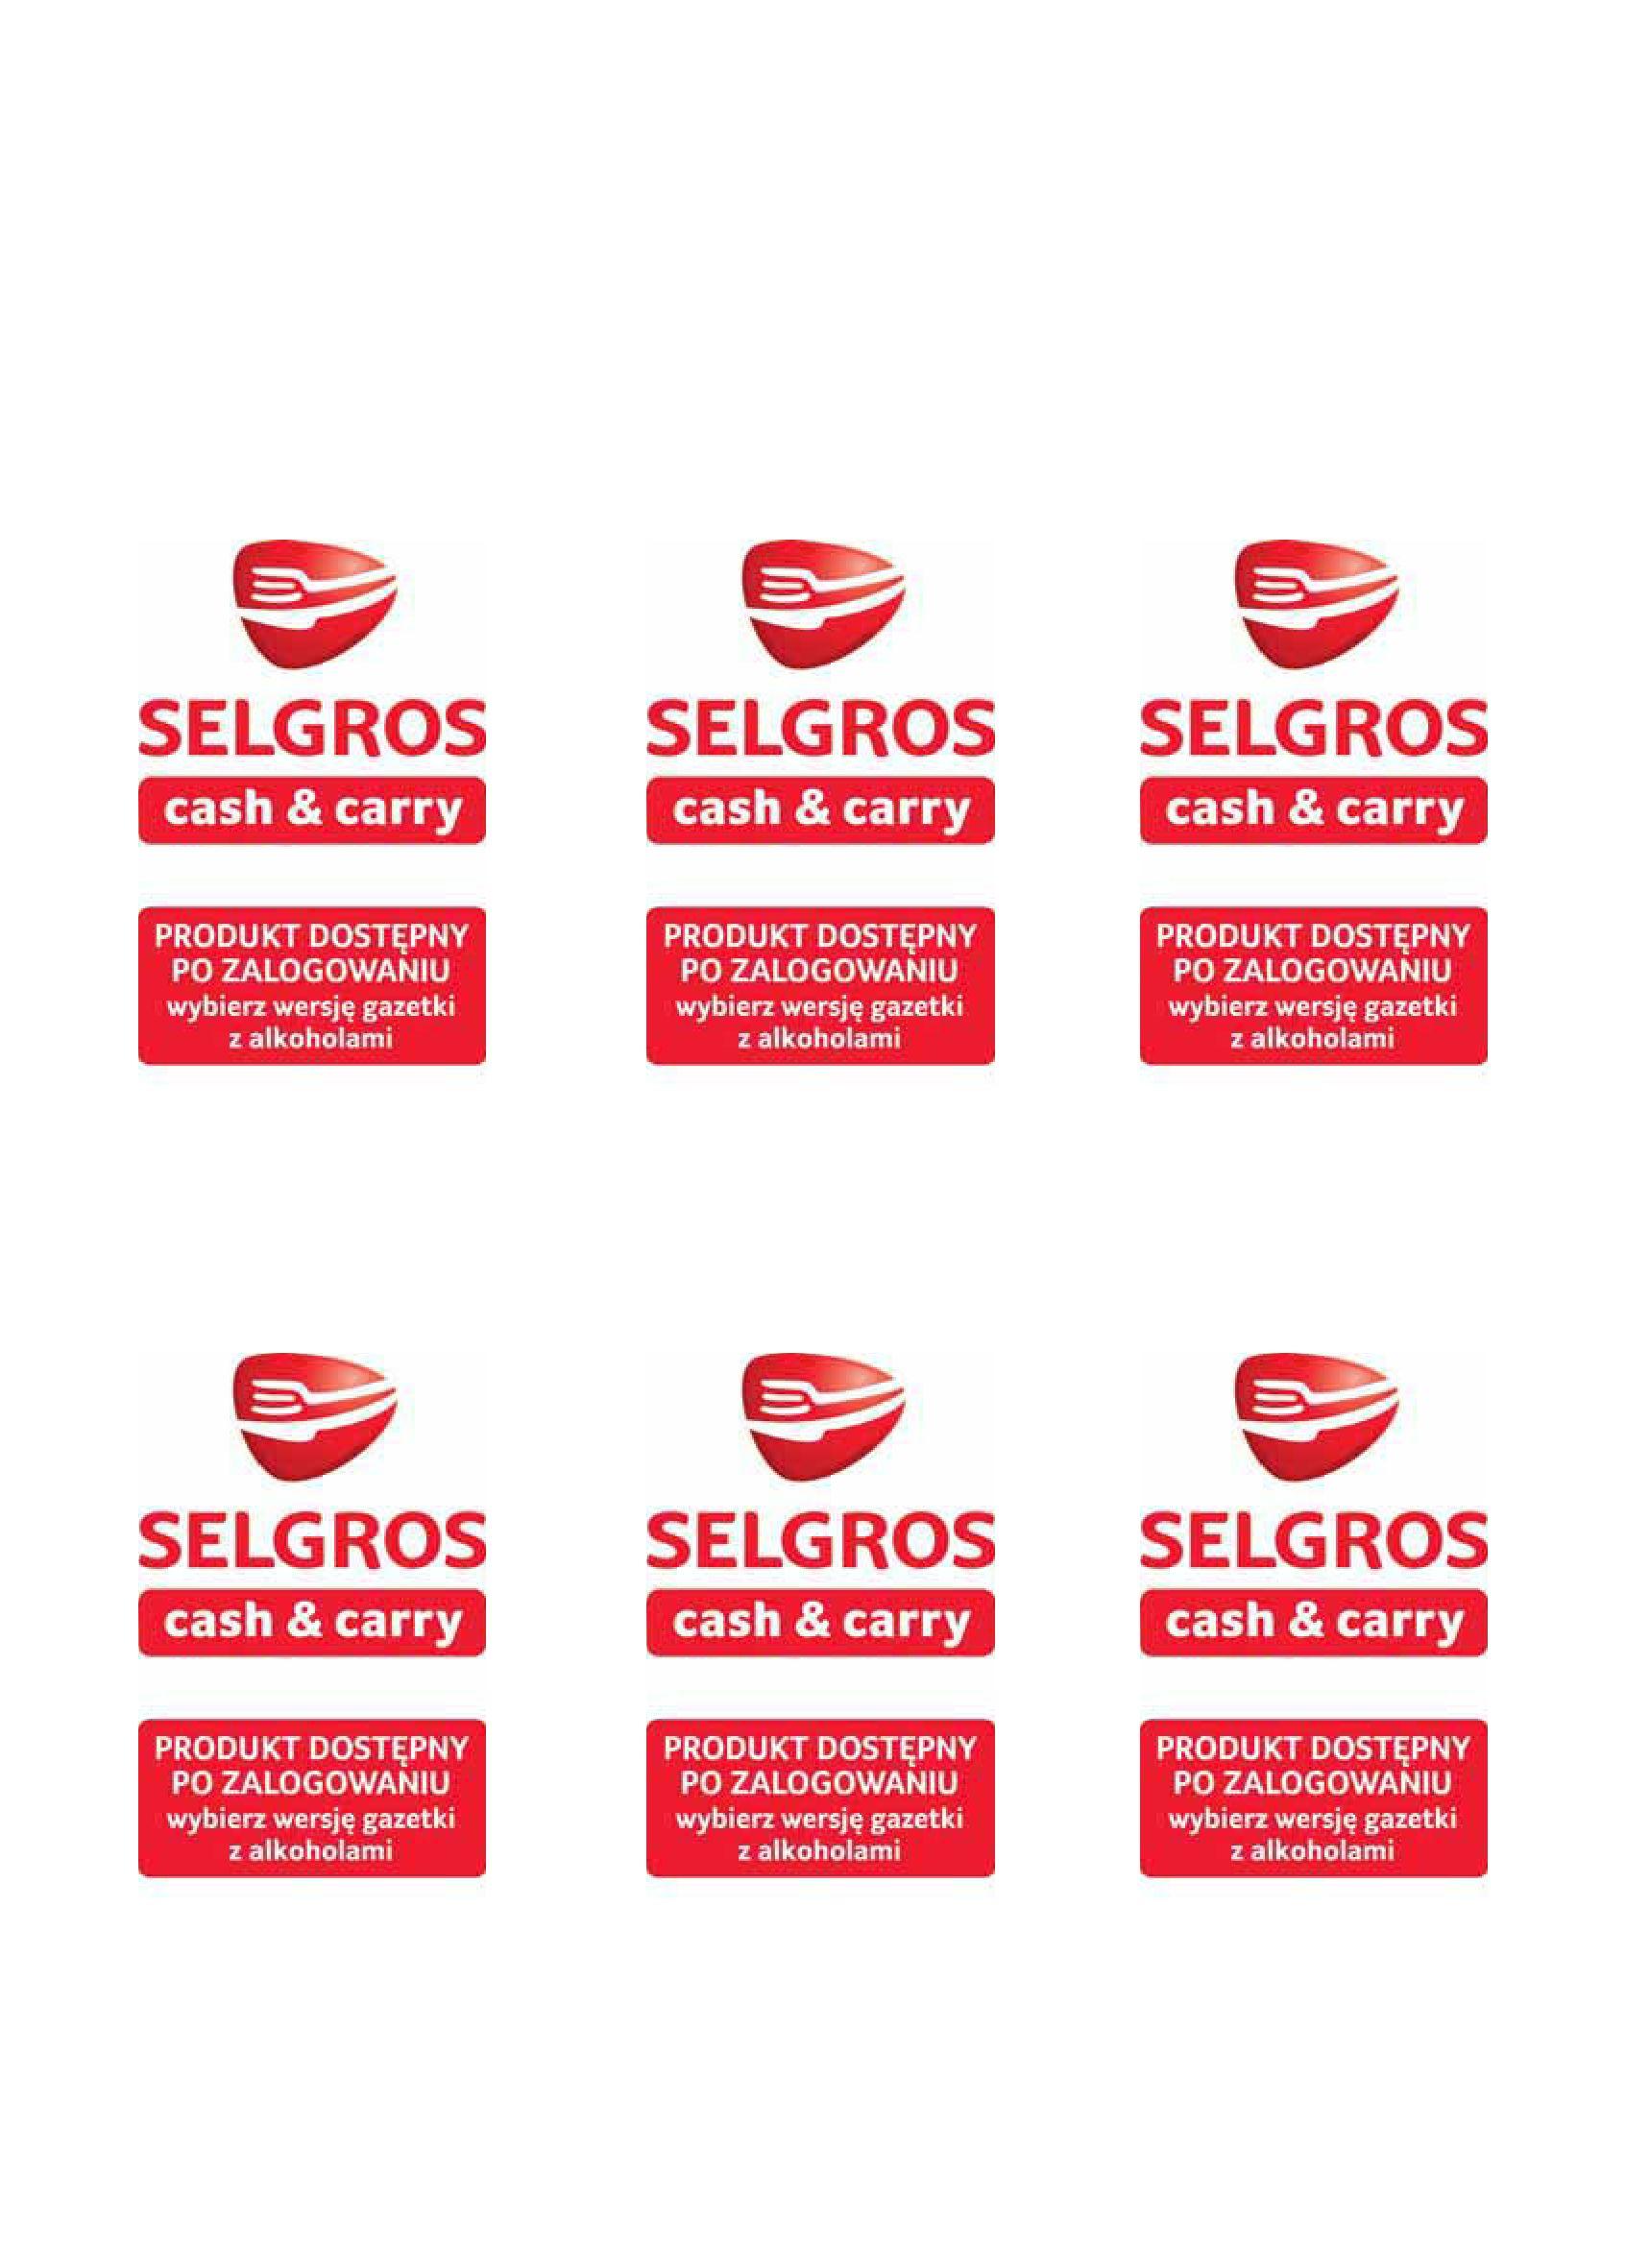 Gazetka Selgros - Oferta spożywcza-05.02.2020-19.02.2020-page-19